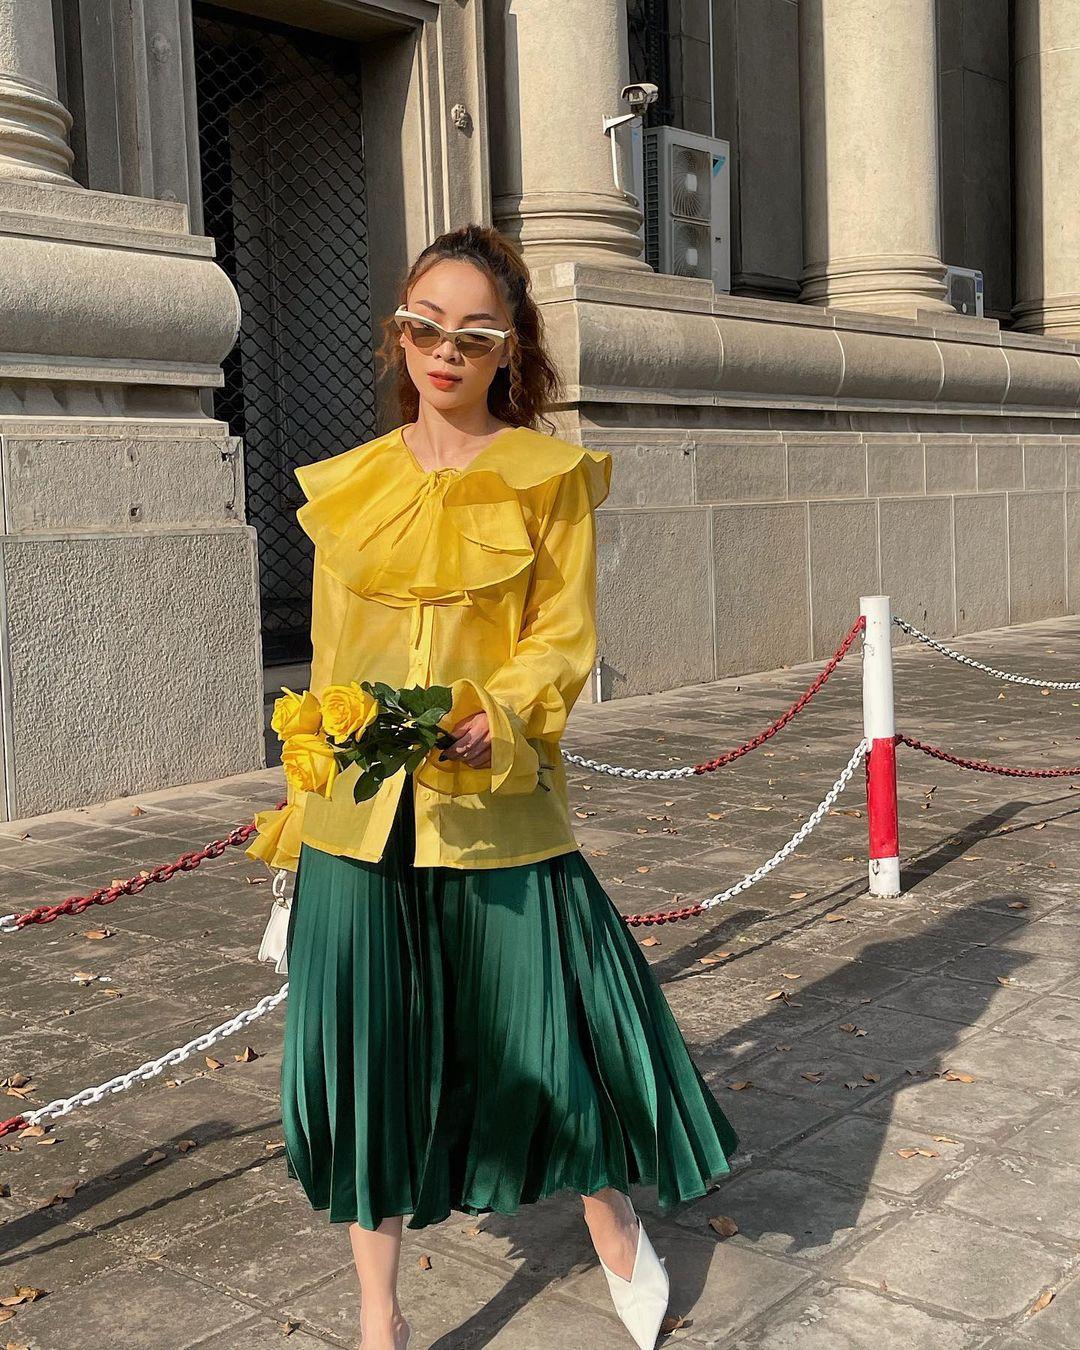 Học mỹ nhân Vbiz sắm ngay 5 kiểu chân váy dài đẹp và sang ngút ngàn 006